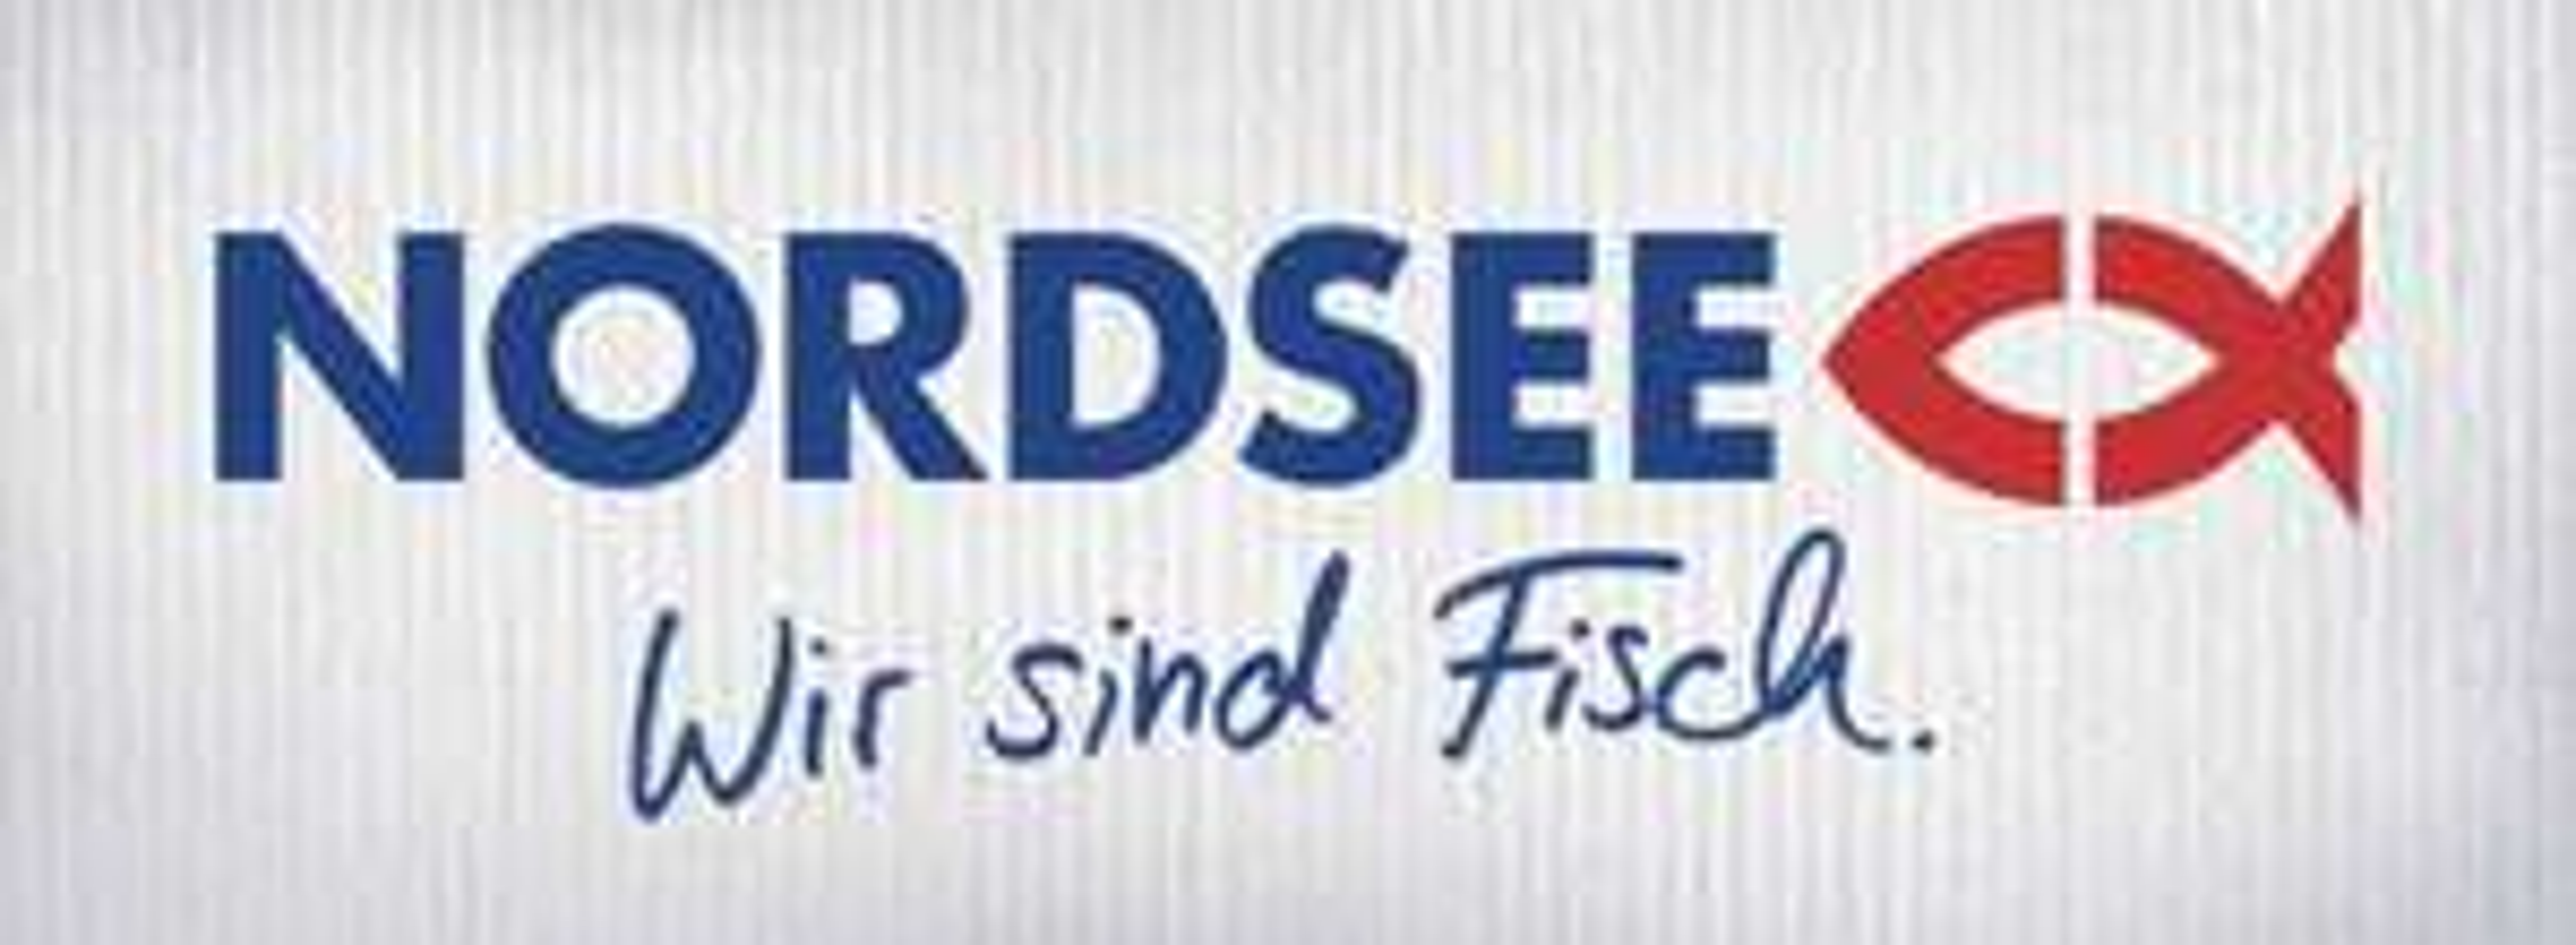 NORDSEE Gutscheine - bis 29.04.2018